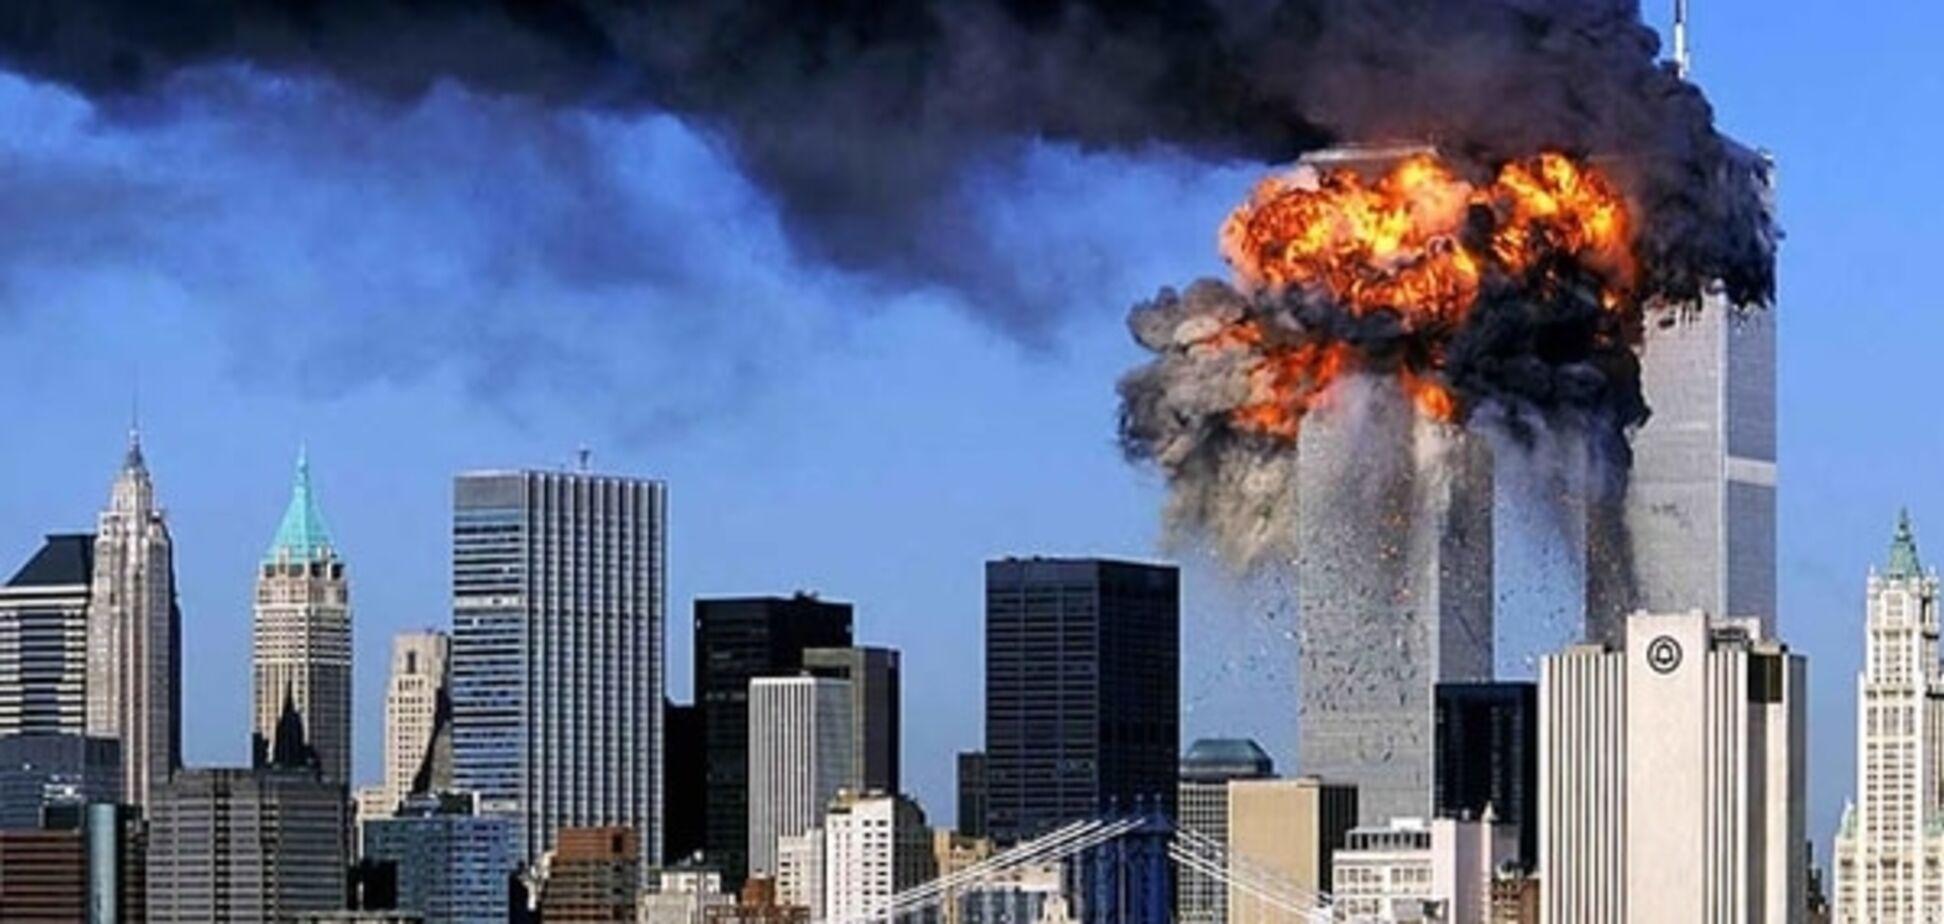 Тотальный террор: крупнейшие теракты за последние 20 лет